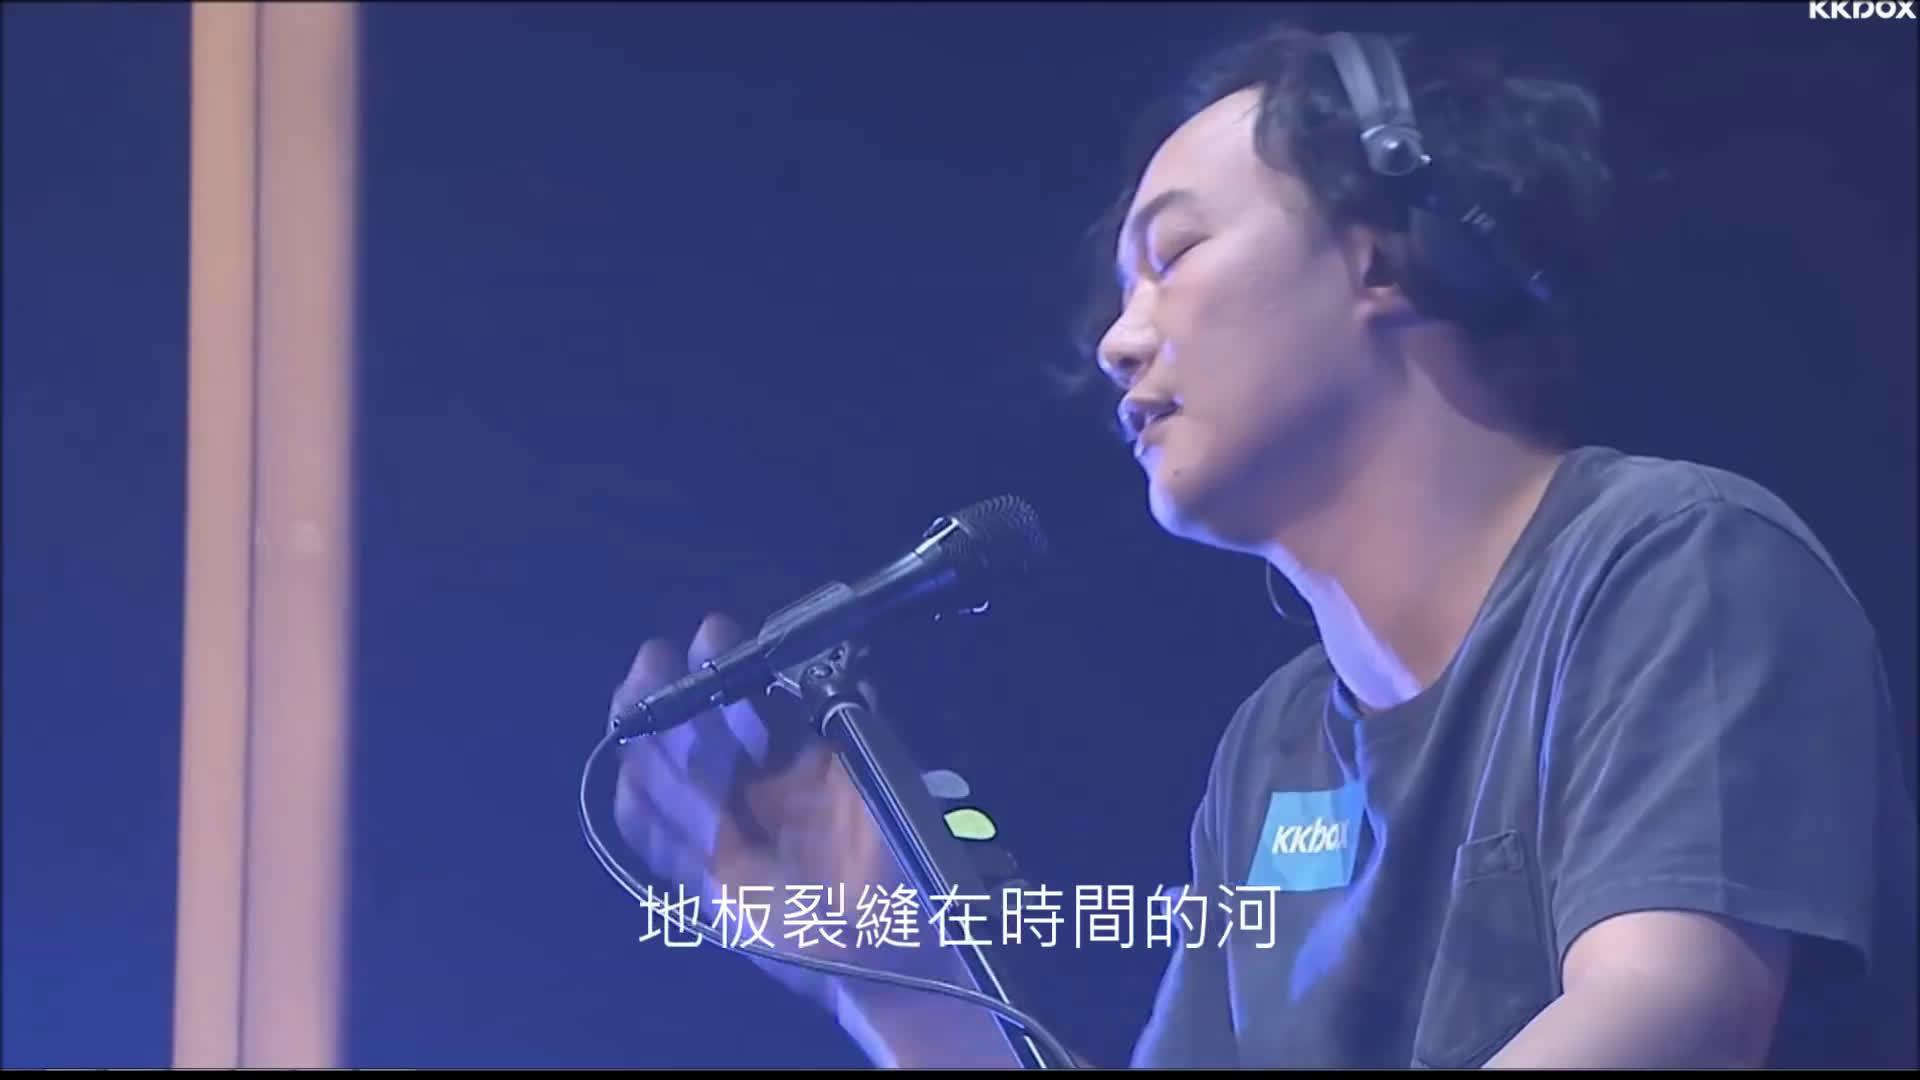 陈奕迅《可以了》现场版, 听他的歌,会让人沦陷……